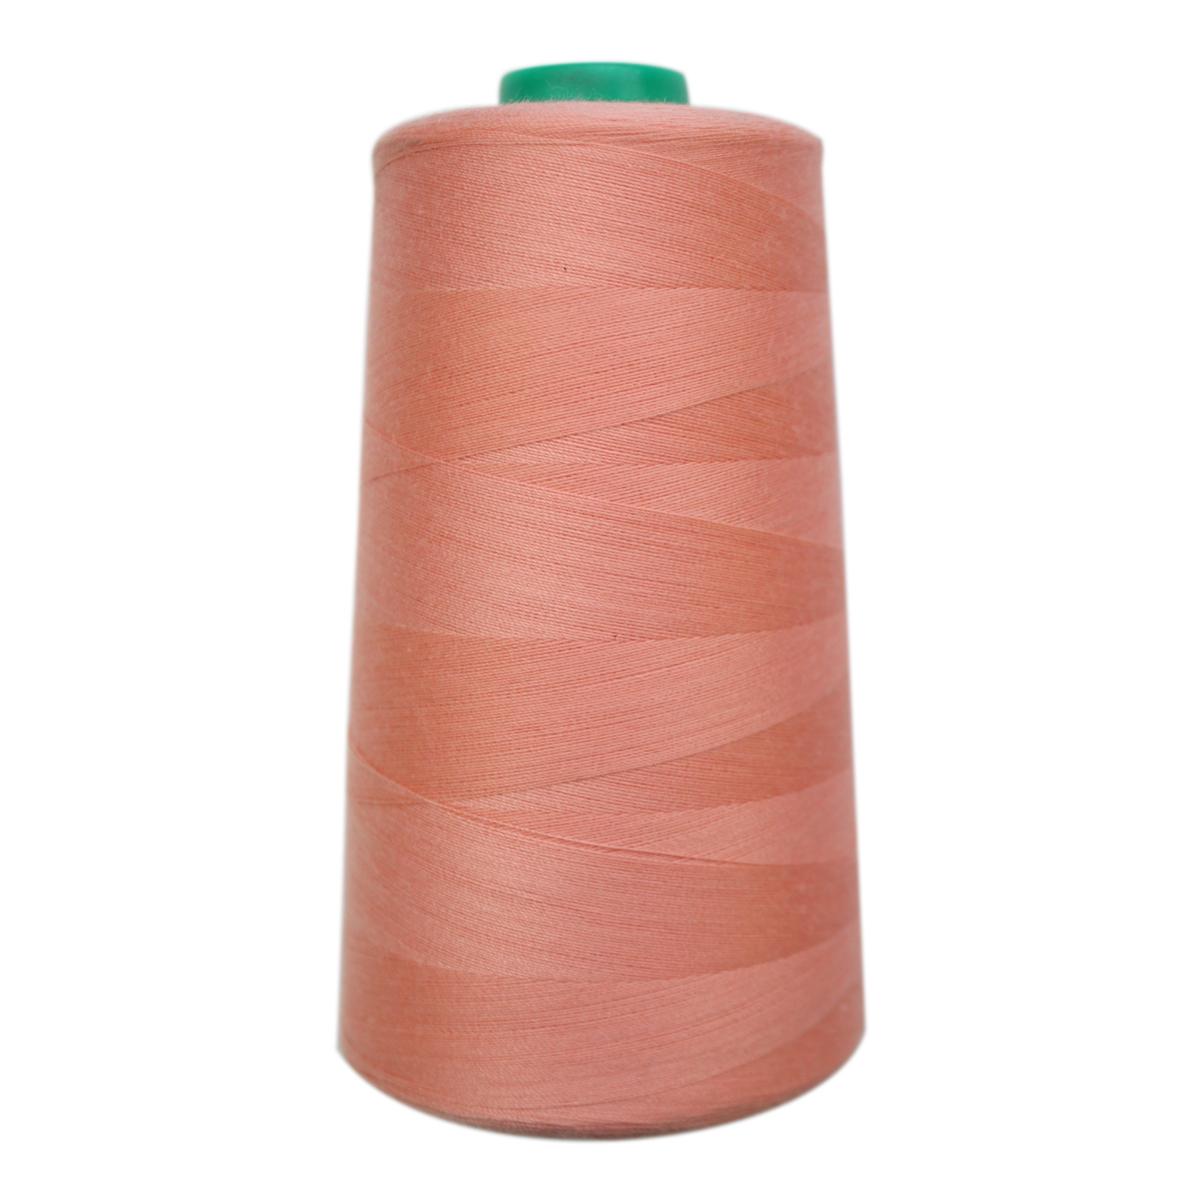 Нитки для шитья Bestex 50/2, 5000 ярд, цвет: бледно-коралловый (027)7700936-027Сфера использования: трикотаж; ткани малого веса; оверлочные швы; отделка краев; вышивка. Размер игл №70-80